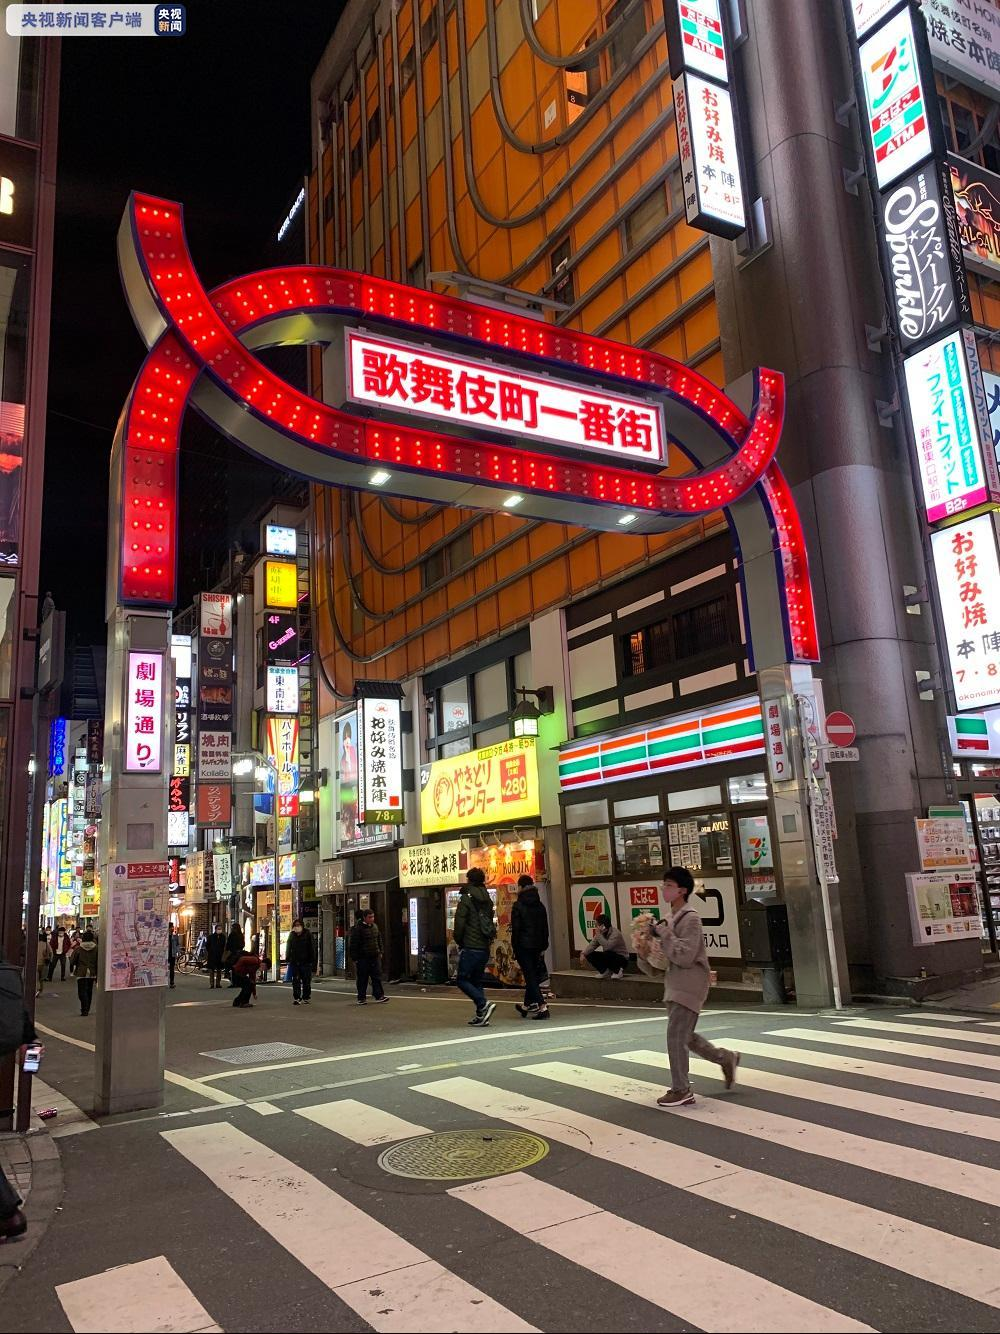 日本新增1506例新冠肺炎确诊病例 累计确诊164446例